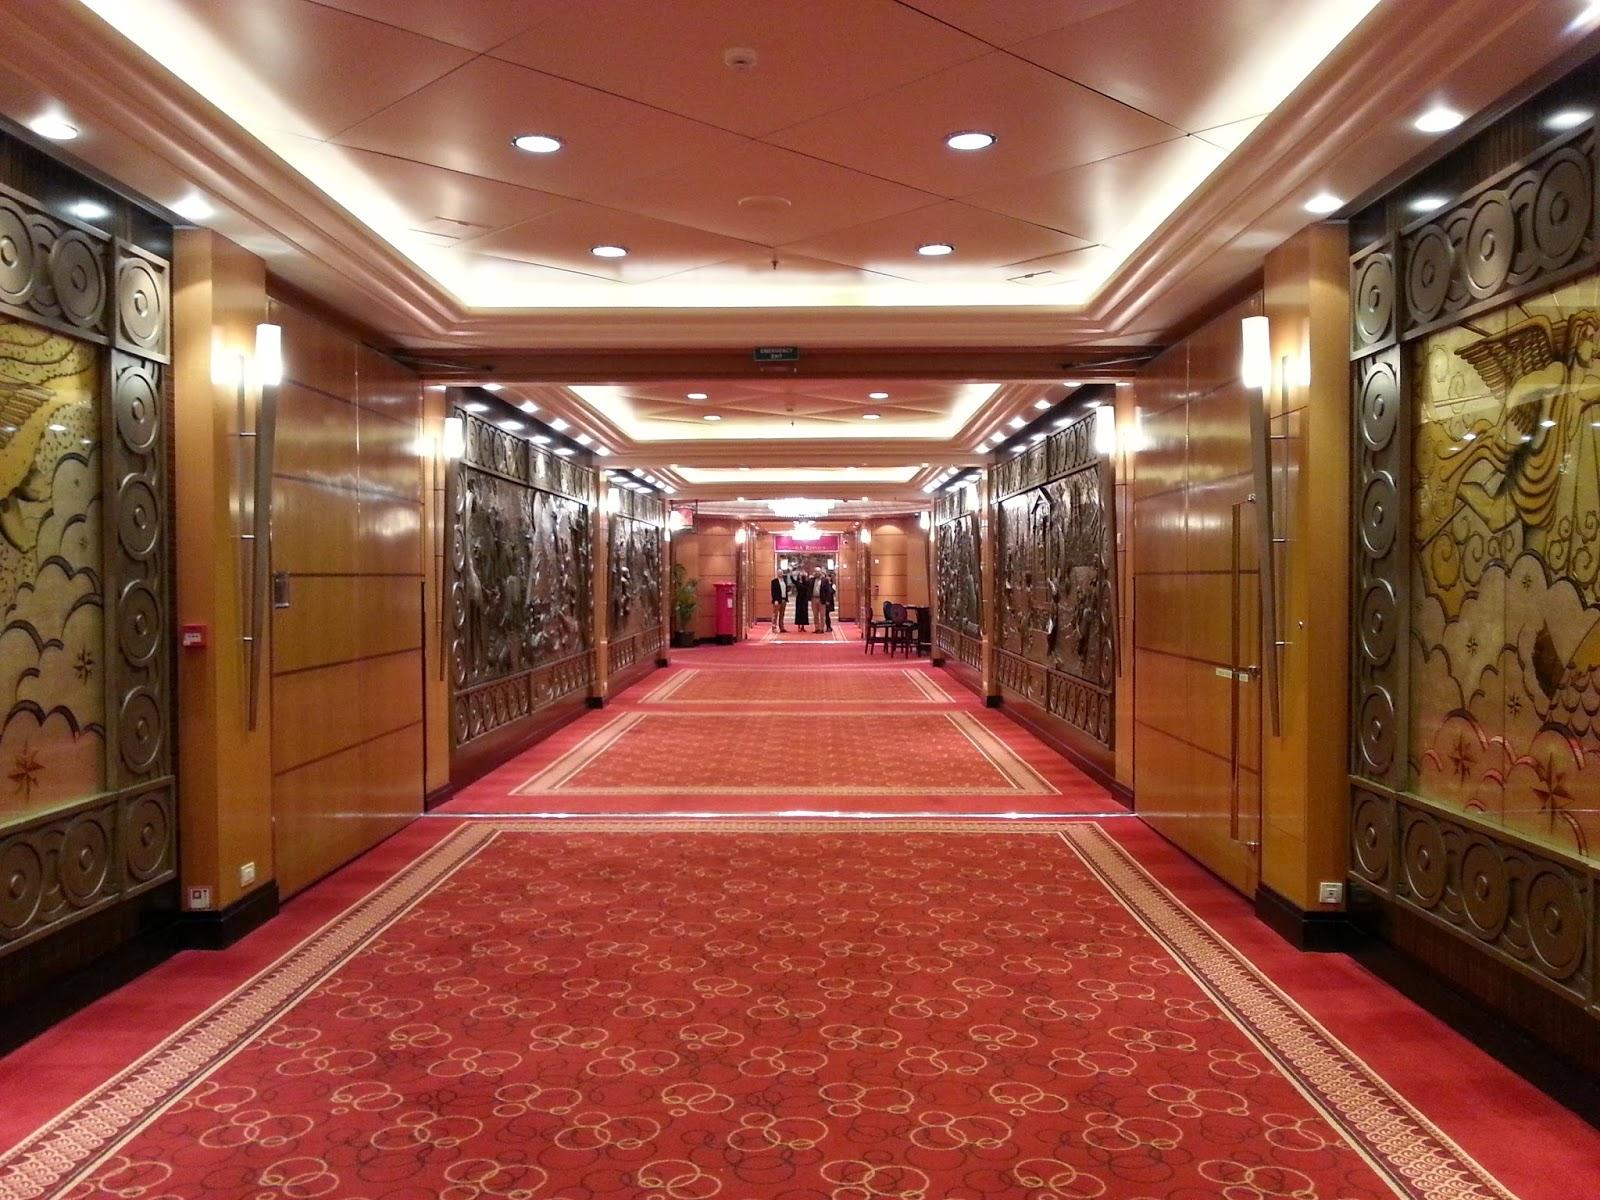 Queen Mary 2 (QM2) - Deck 2 corridor